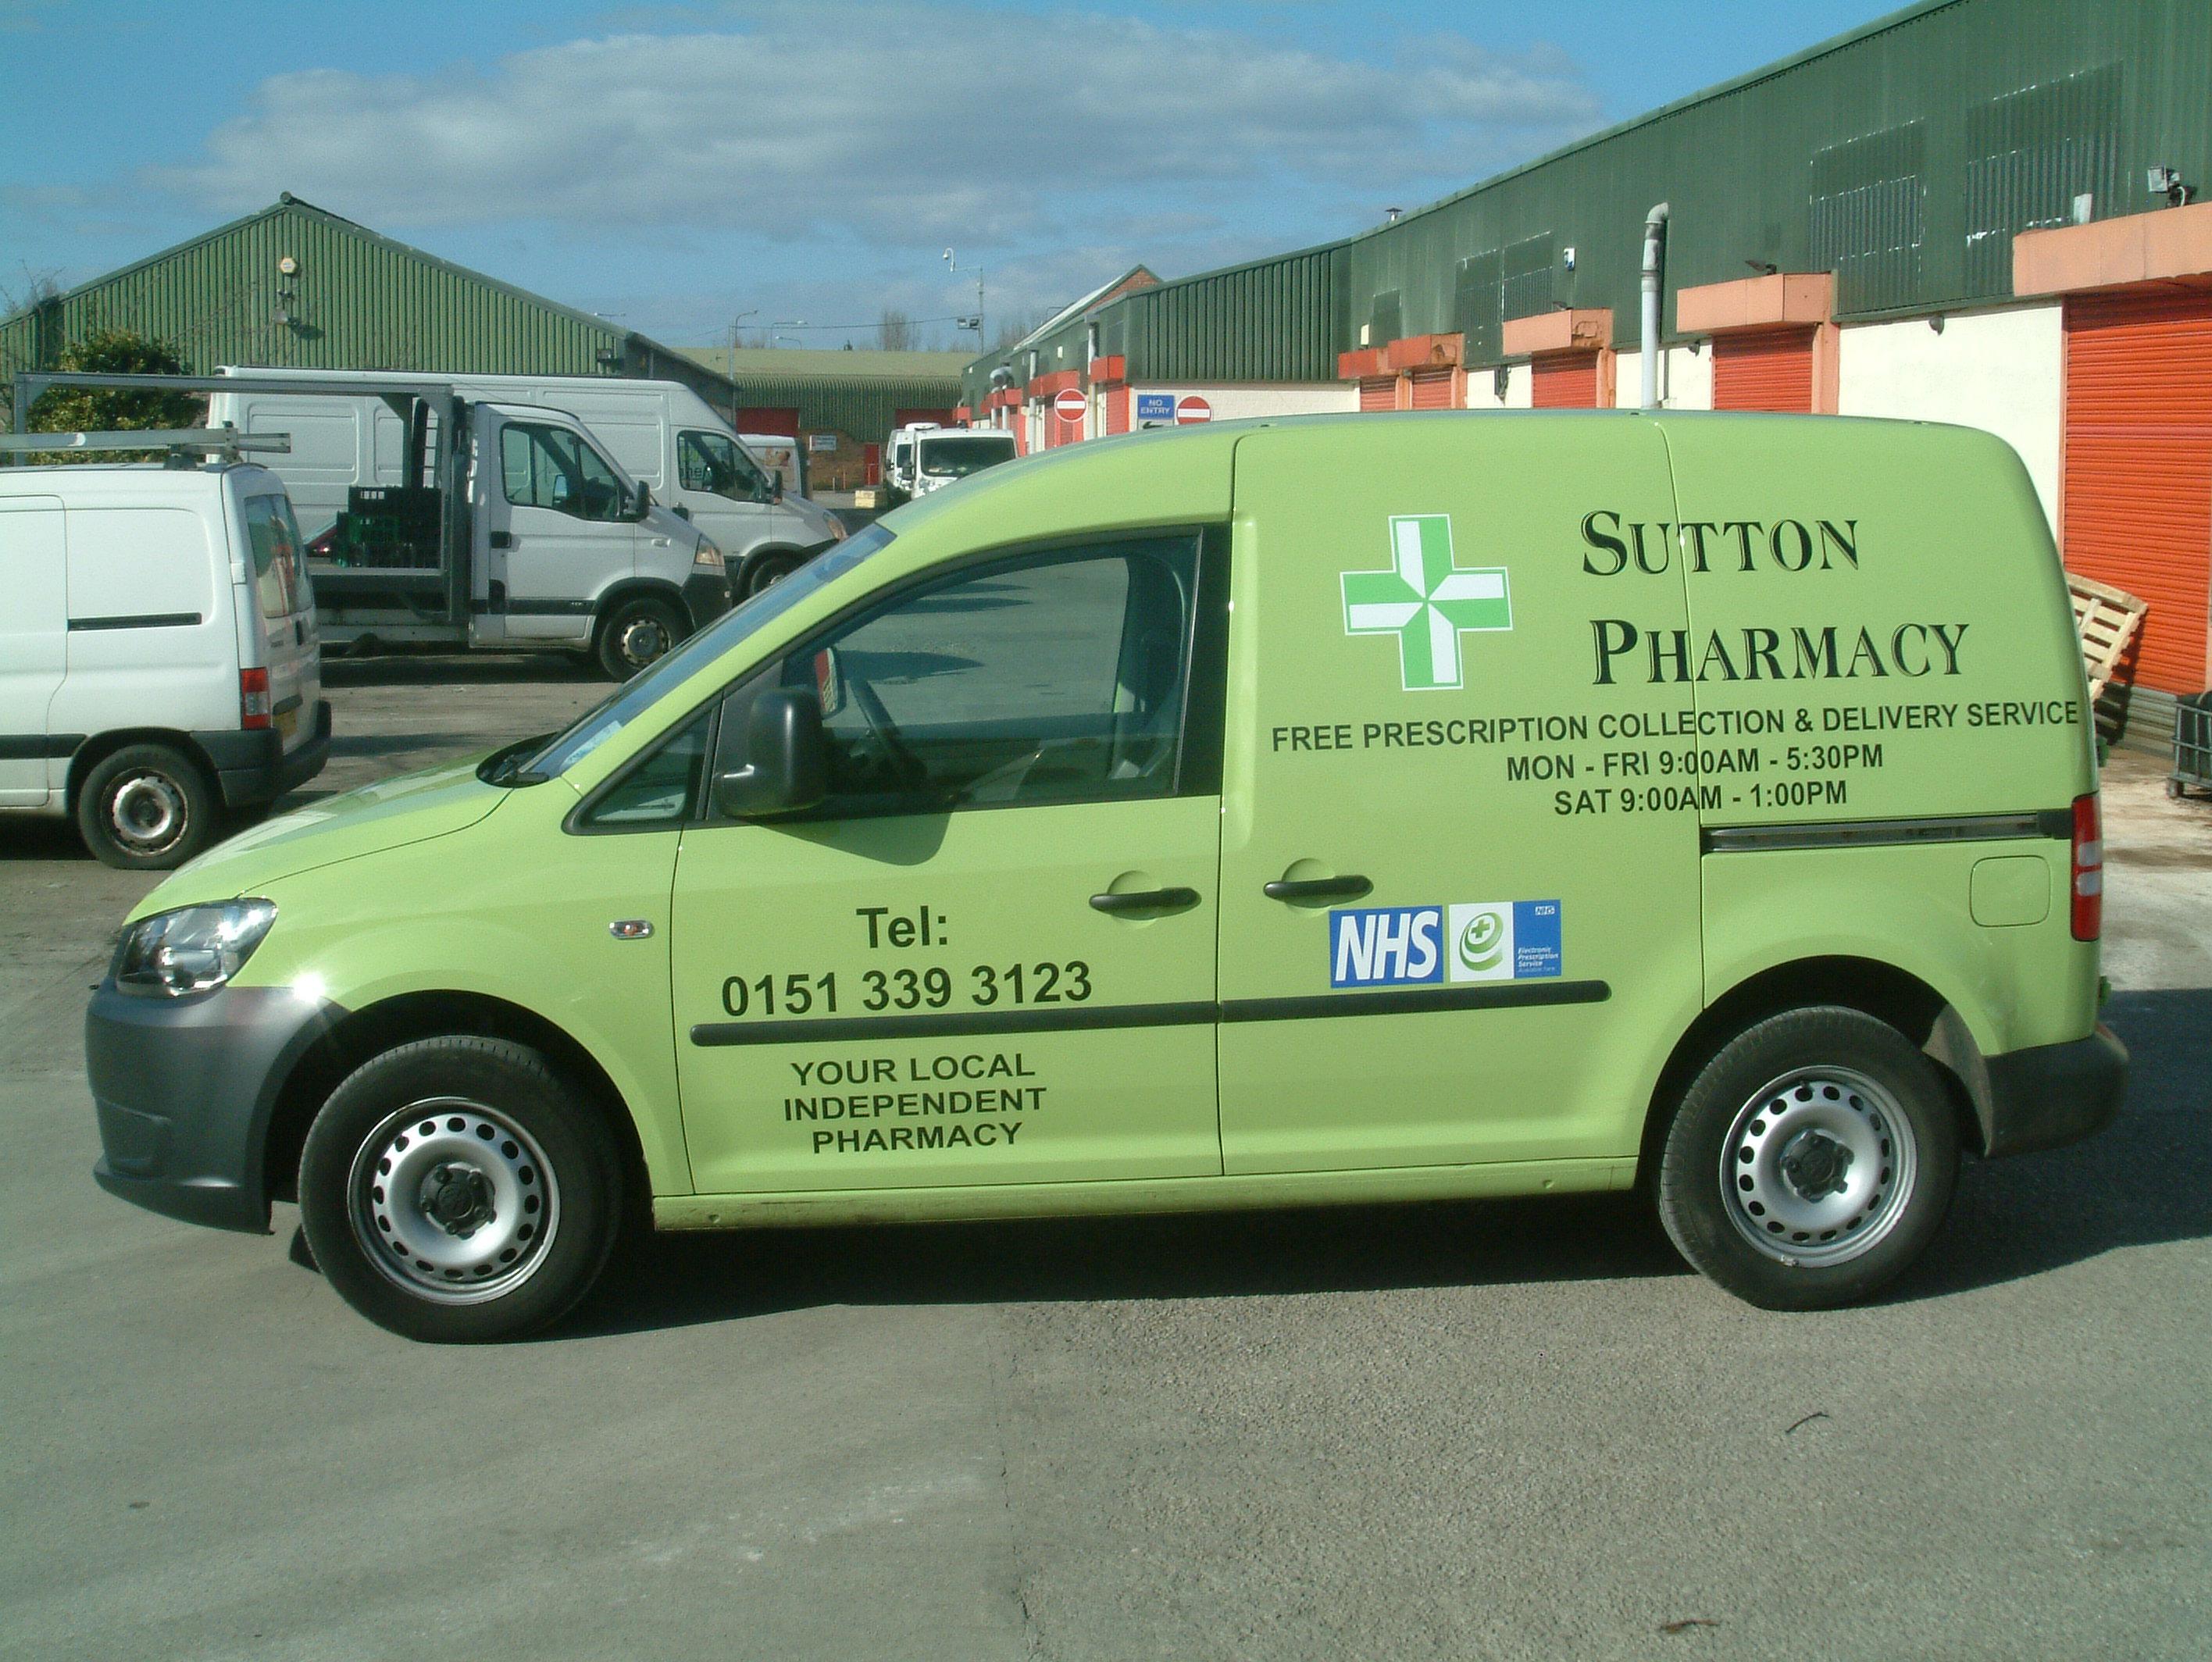 Sutton Pharmacy Van